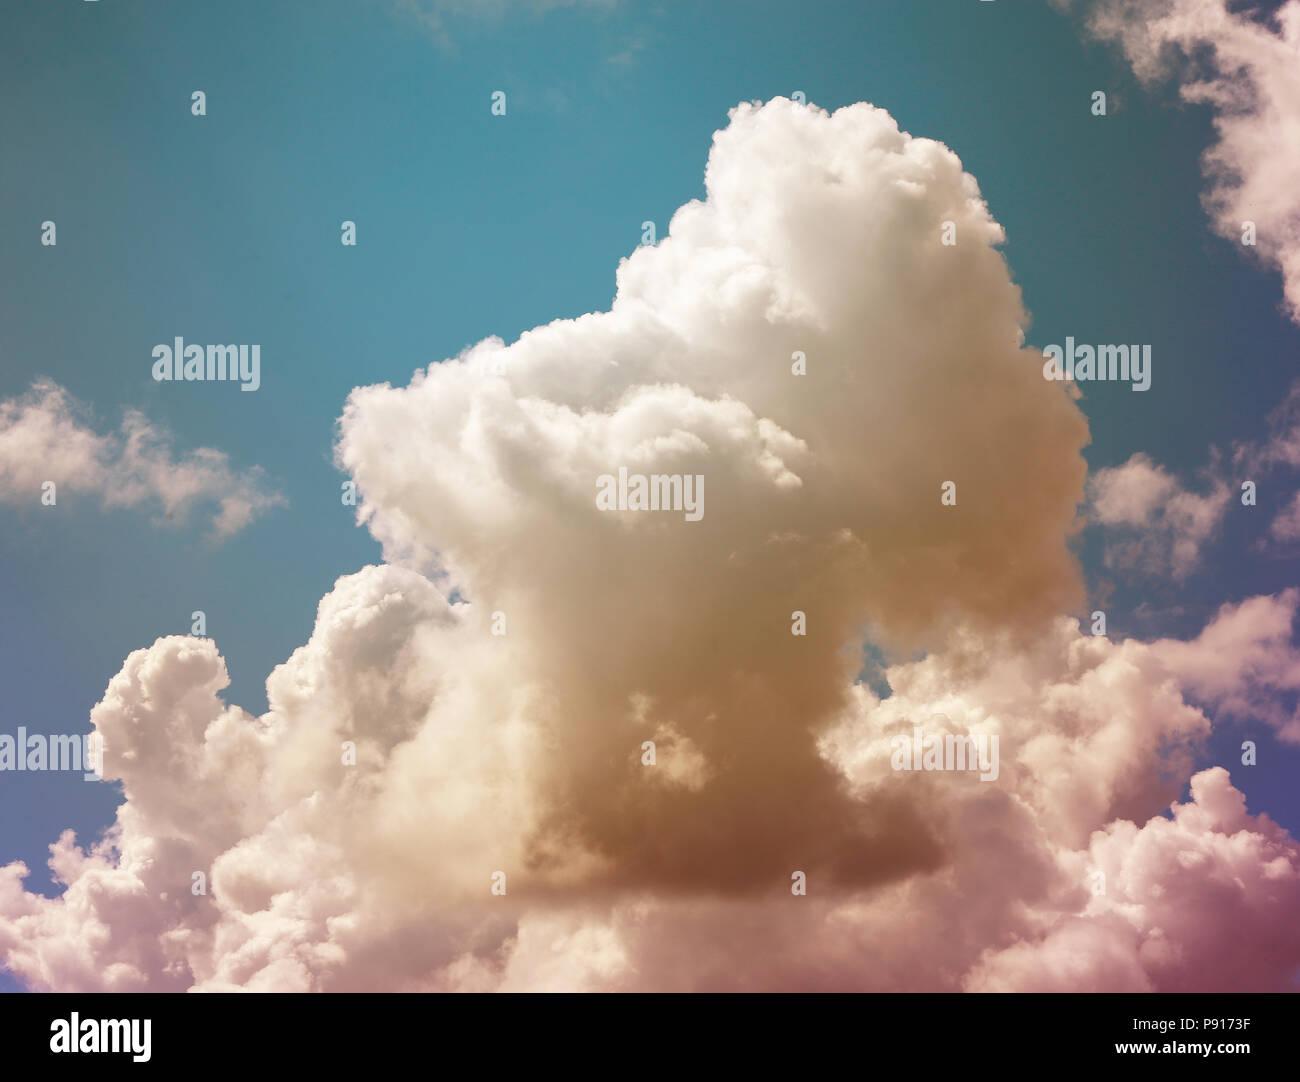 Foto Di Sfondo Bianco Brillante Grandi Nuvole Foto Immagine Stock